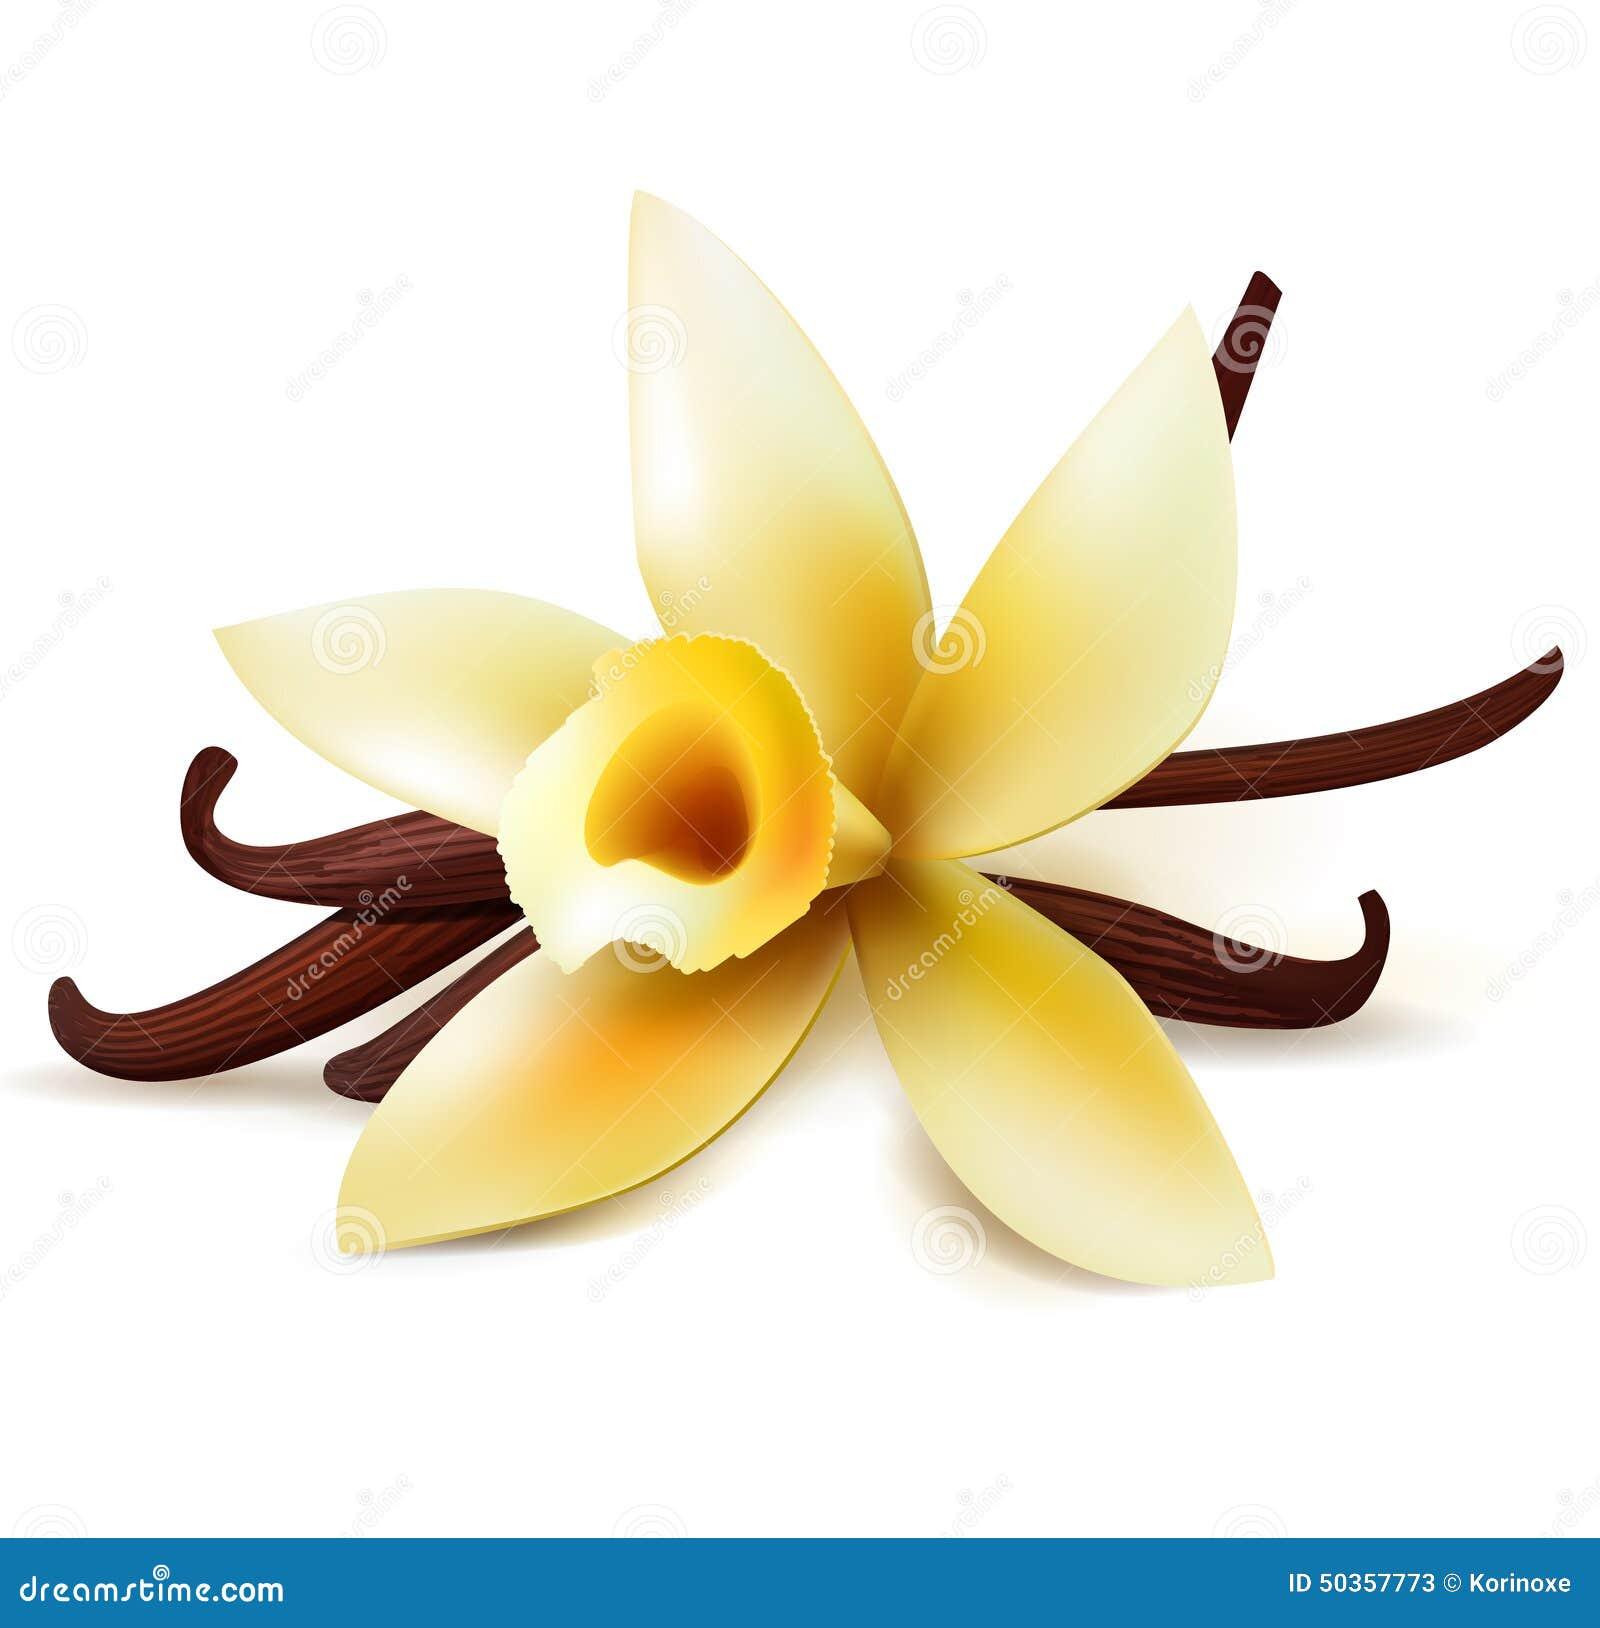 cosses et fleur de vanille image libre de droits - image: 29212496